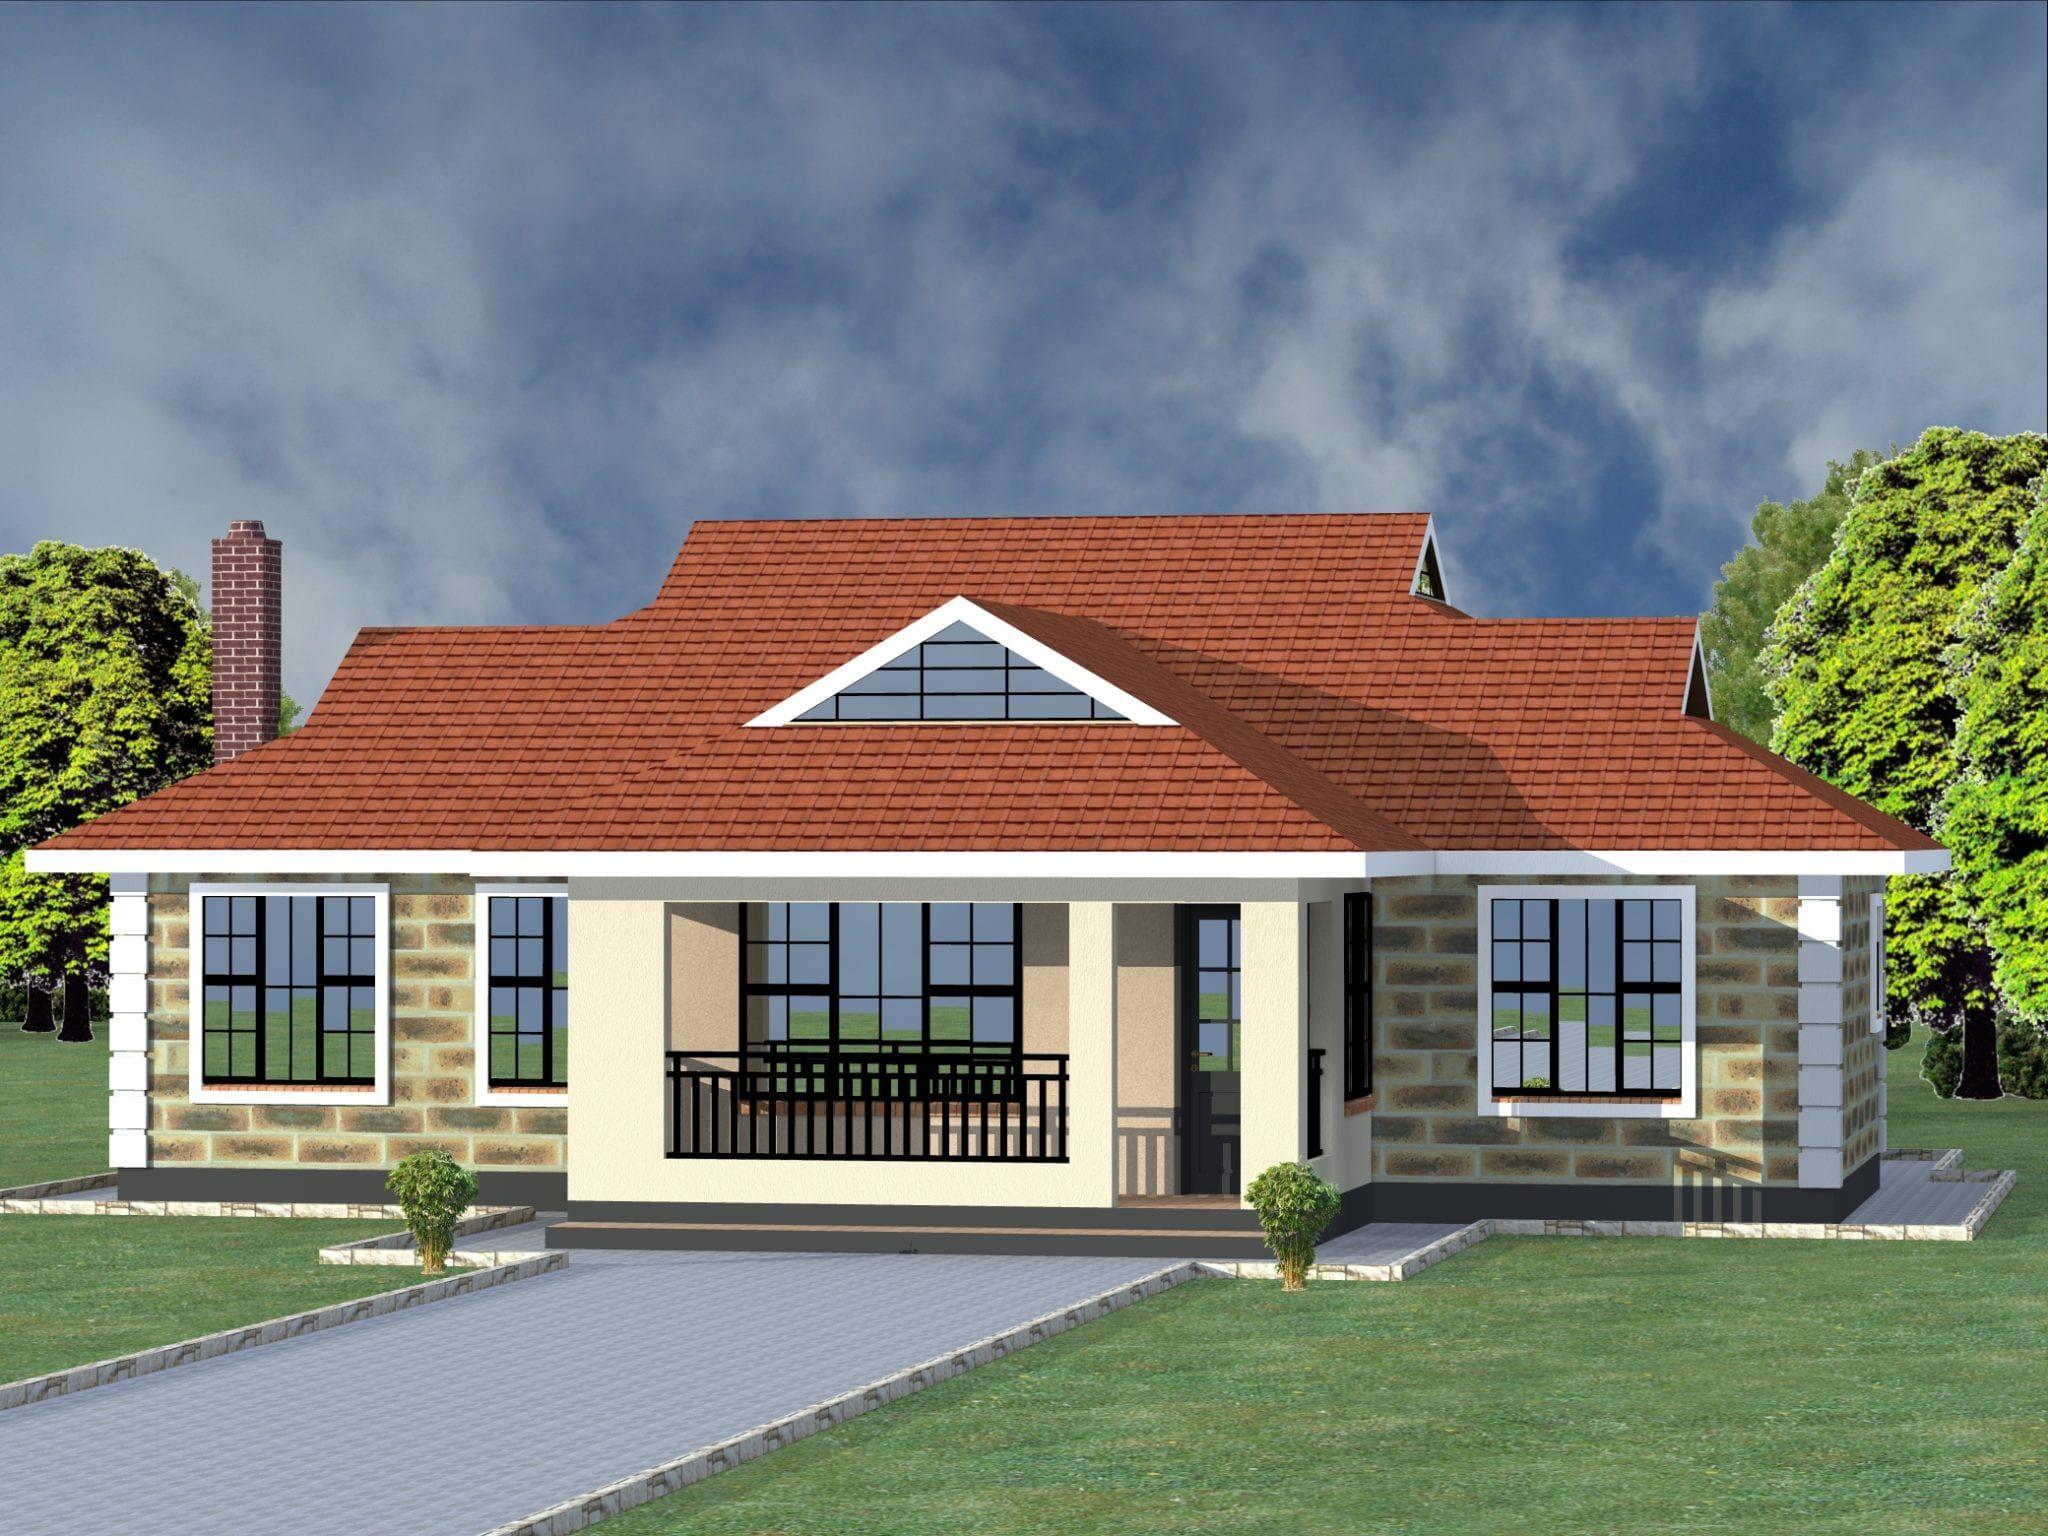 4 Bedroom Design 1138 B Bungalow House Floor Plans Bungalow Design Bungalow House Design